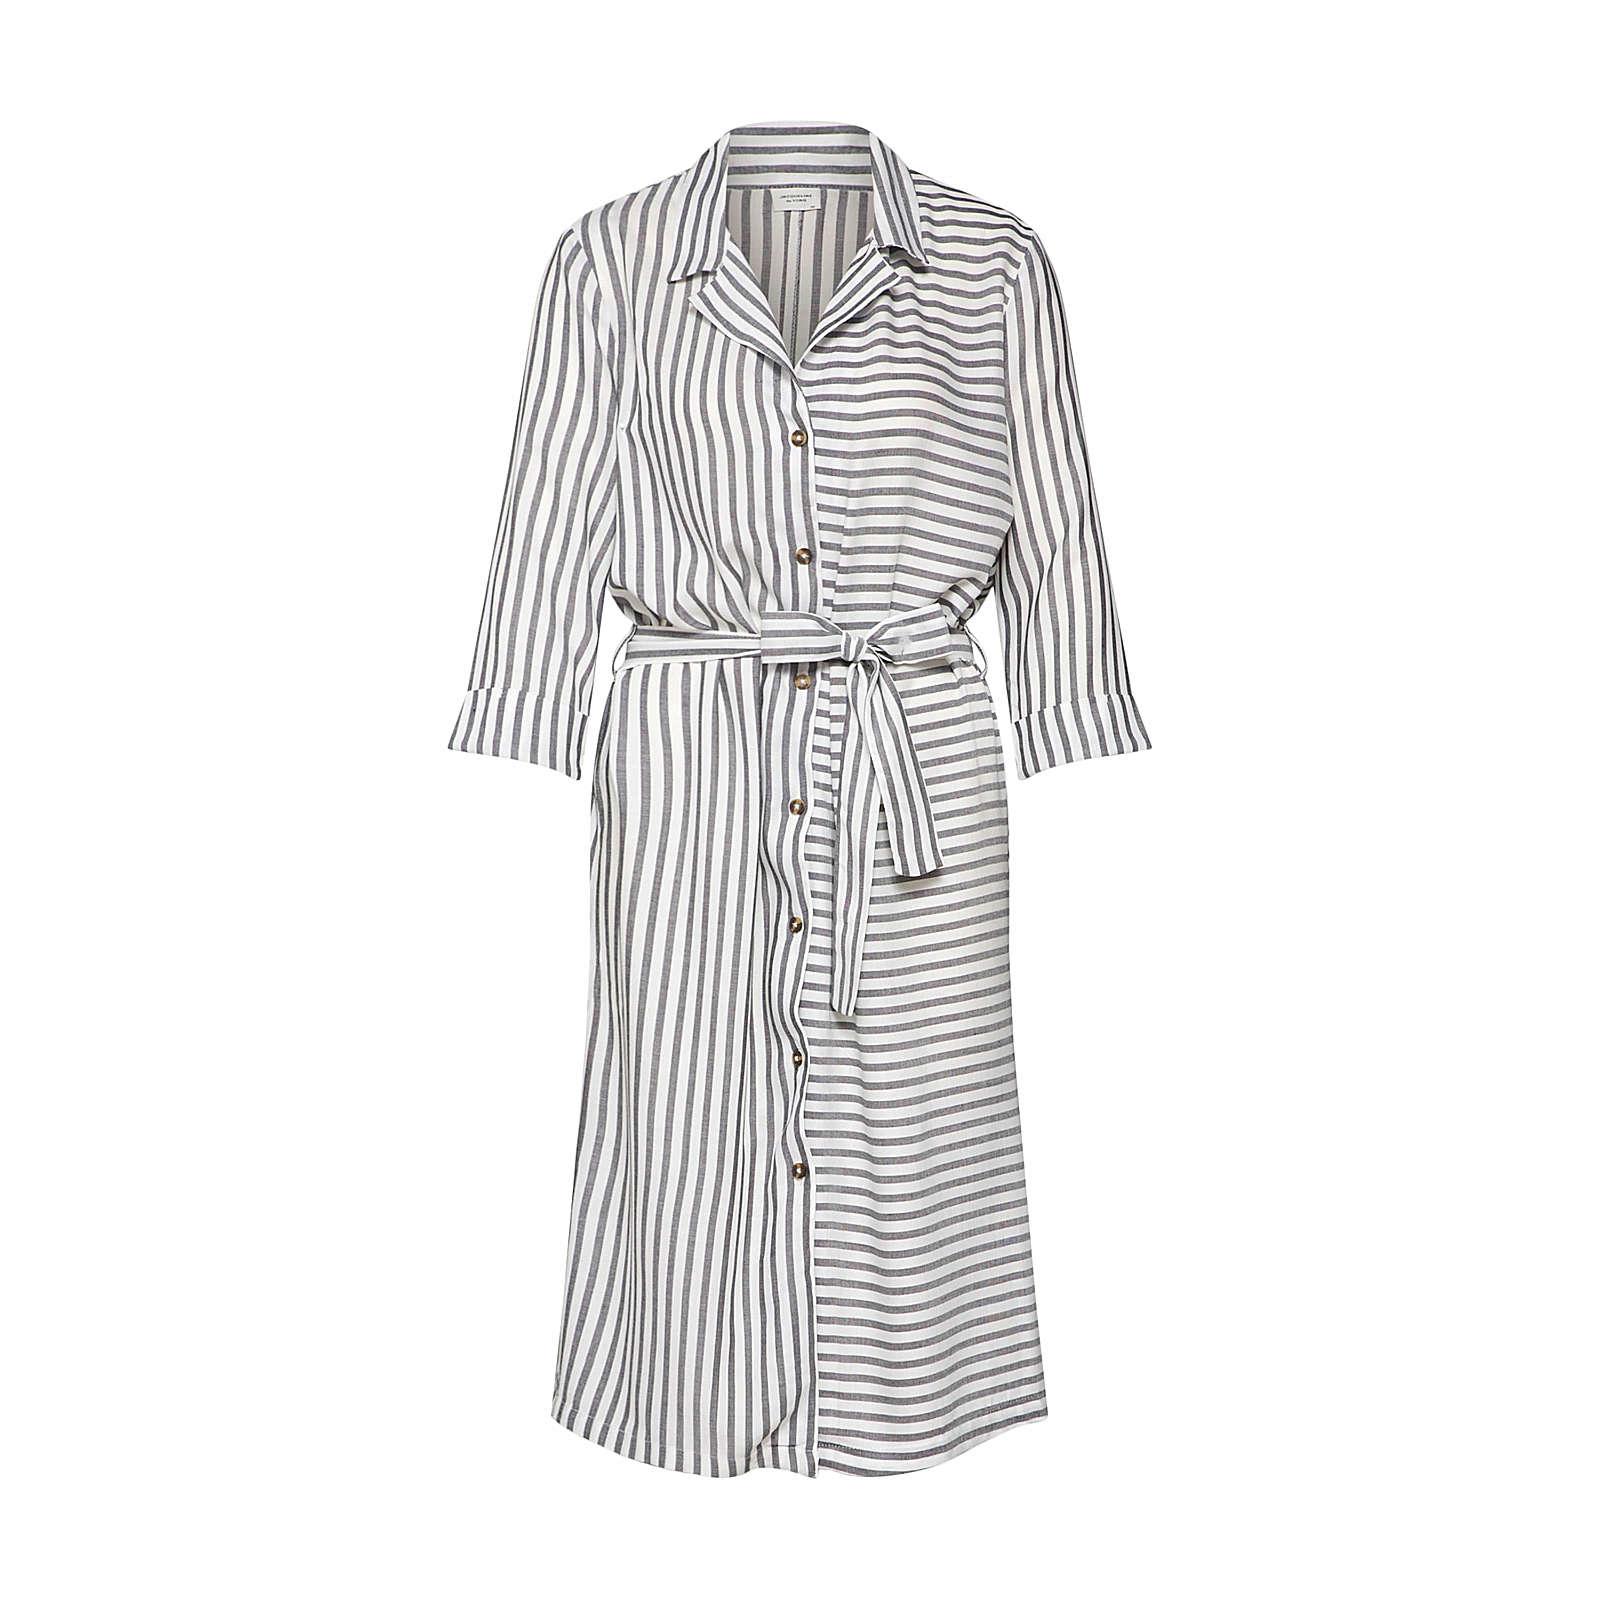 JACQUELINE de YONG Blusenkleid Blusenkleider weiß Damen Gr. 36